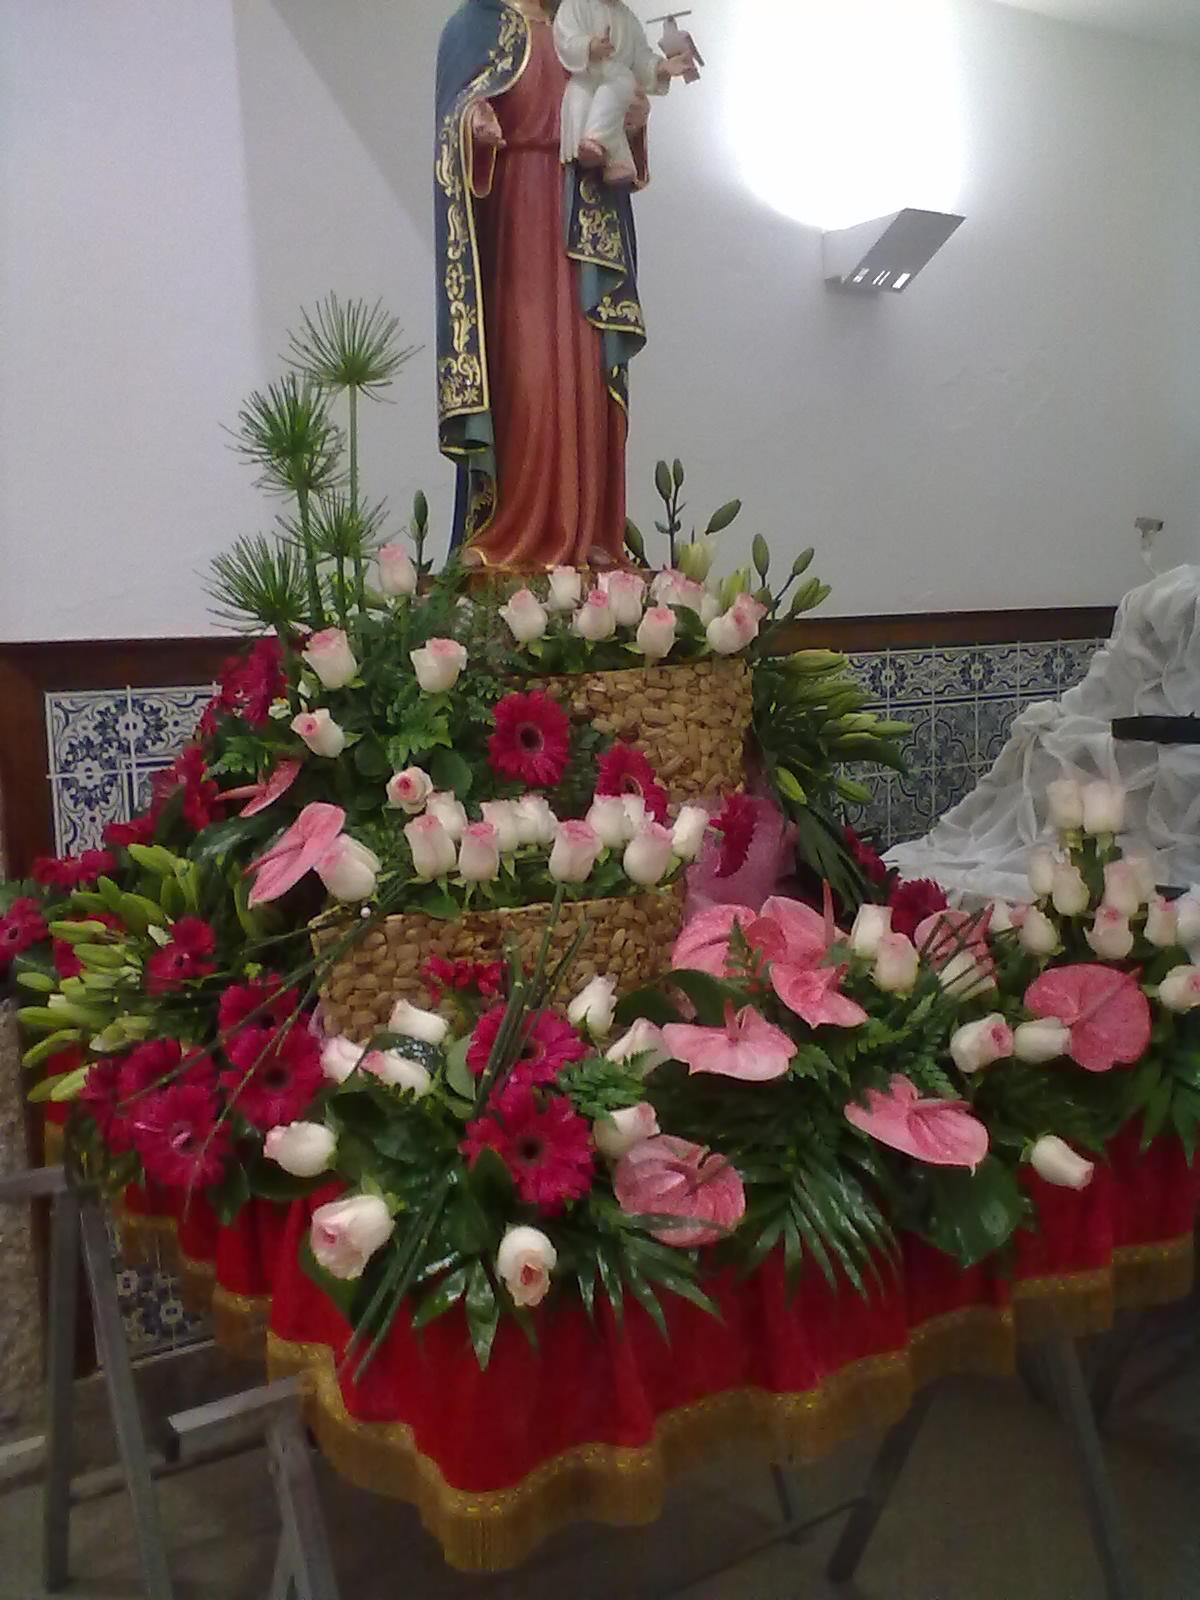 Enfeite De Zíper ~ Amores Perfeitos Arte Floral e Decoraç u00e3o Andores